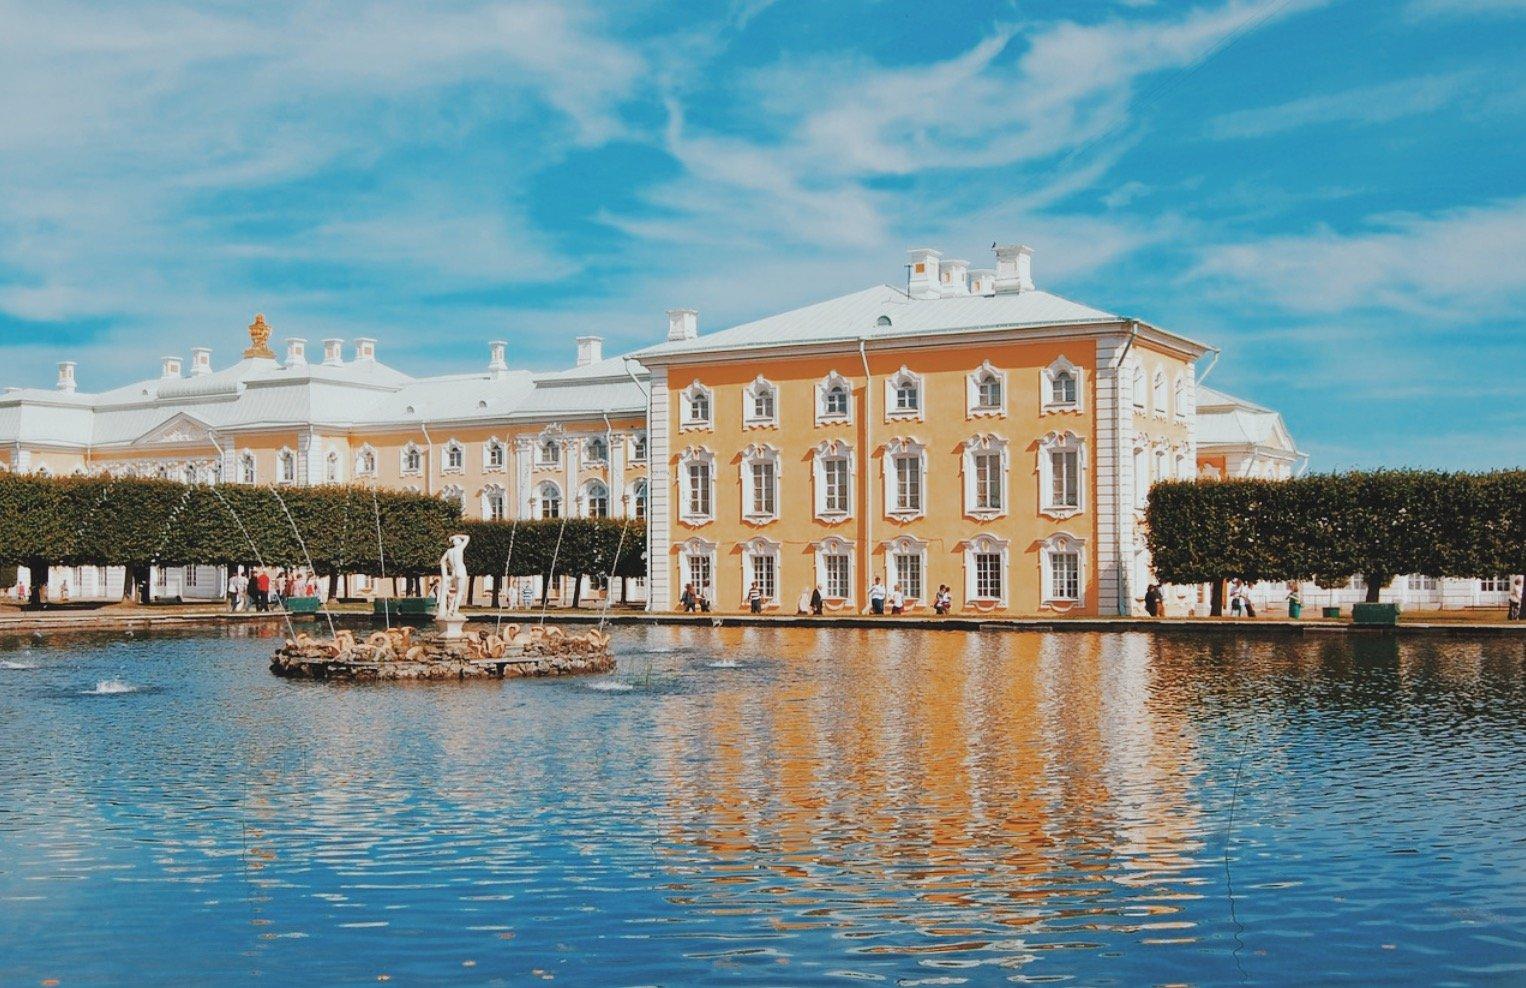 Peterhof palace Russia